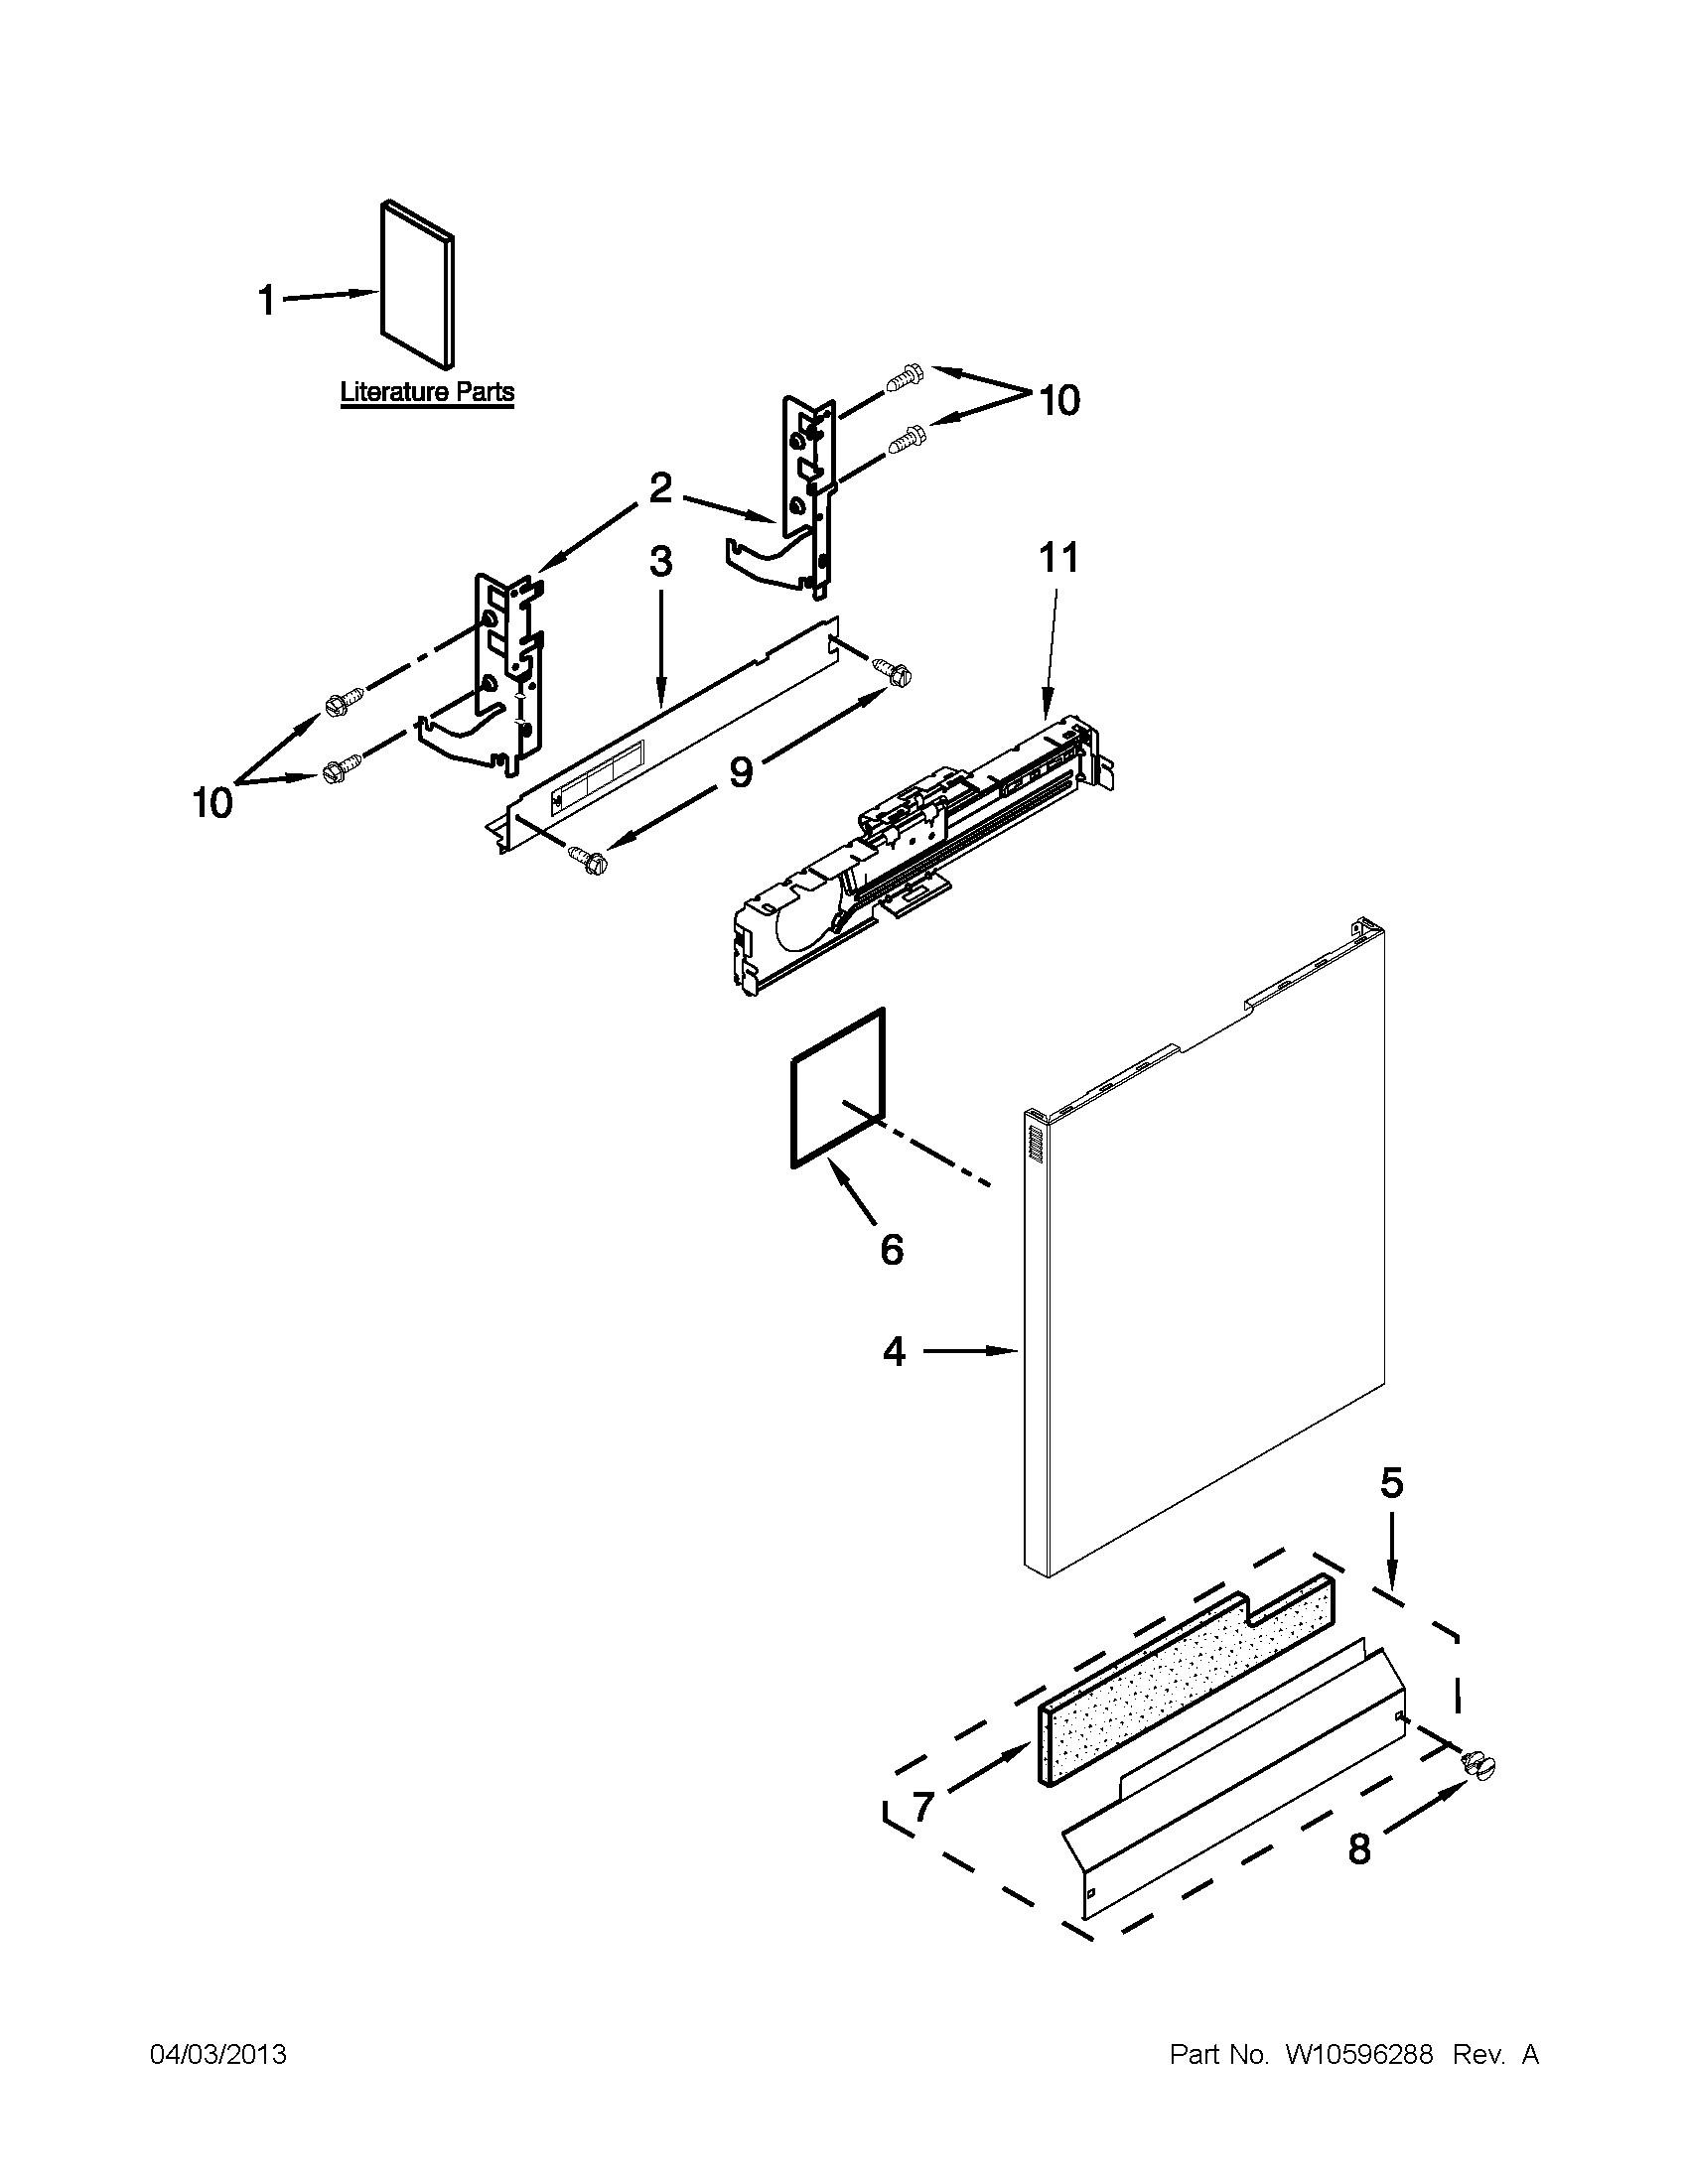 Two Stroke Engine Parts Diagram Kenmore Model K113 Dishwasher Genuine Parts Of Two Stroke Engine Parts Diagram